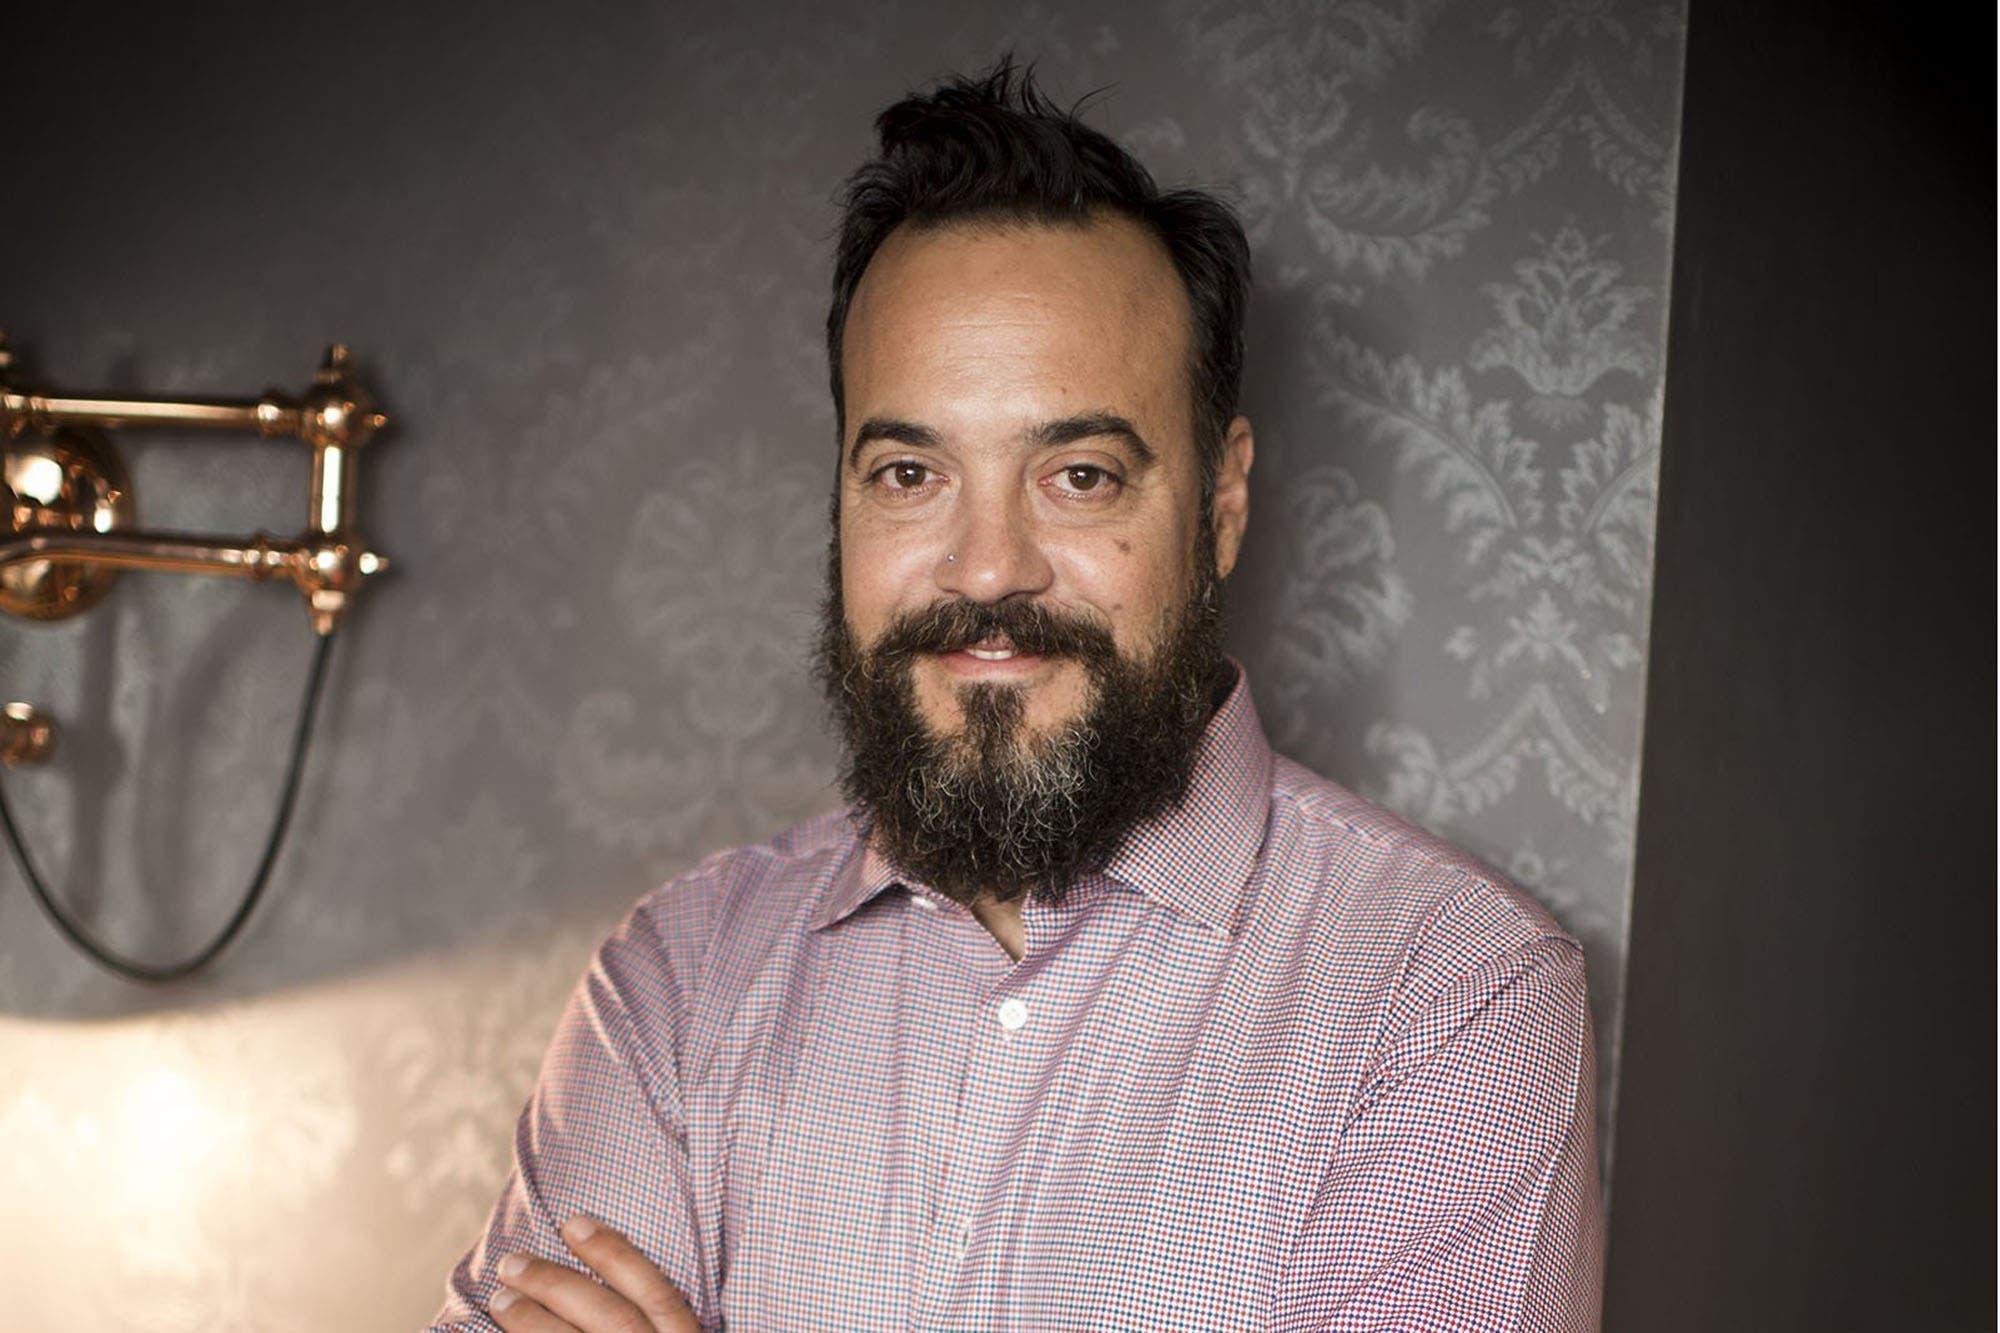 El argentino Tato Giovannoni, elegido como el mejor bartender del mundo